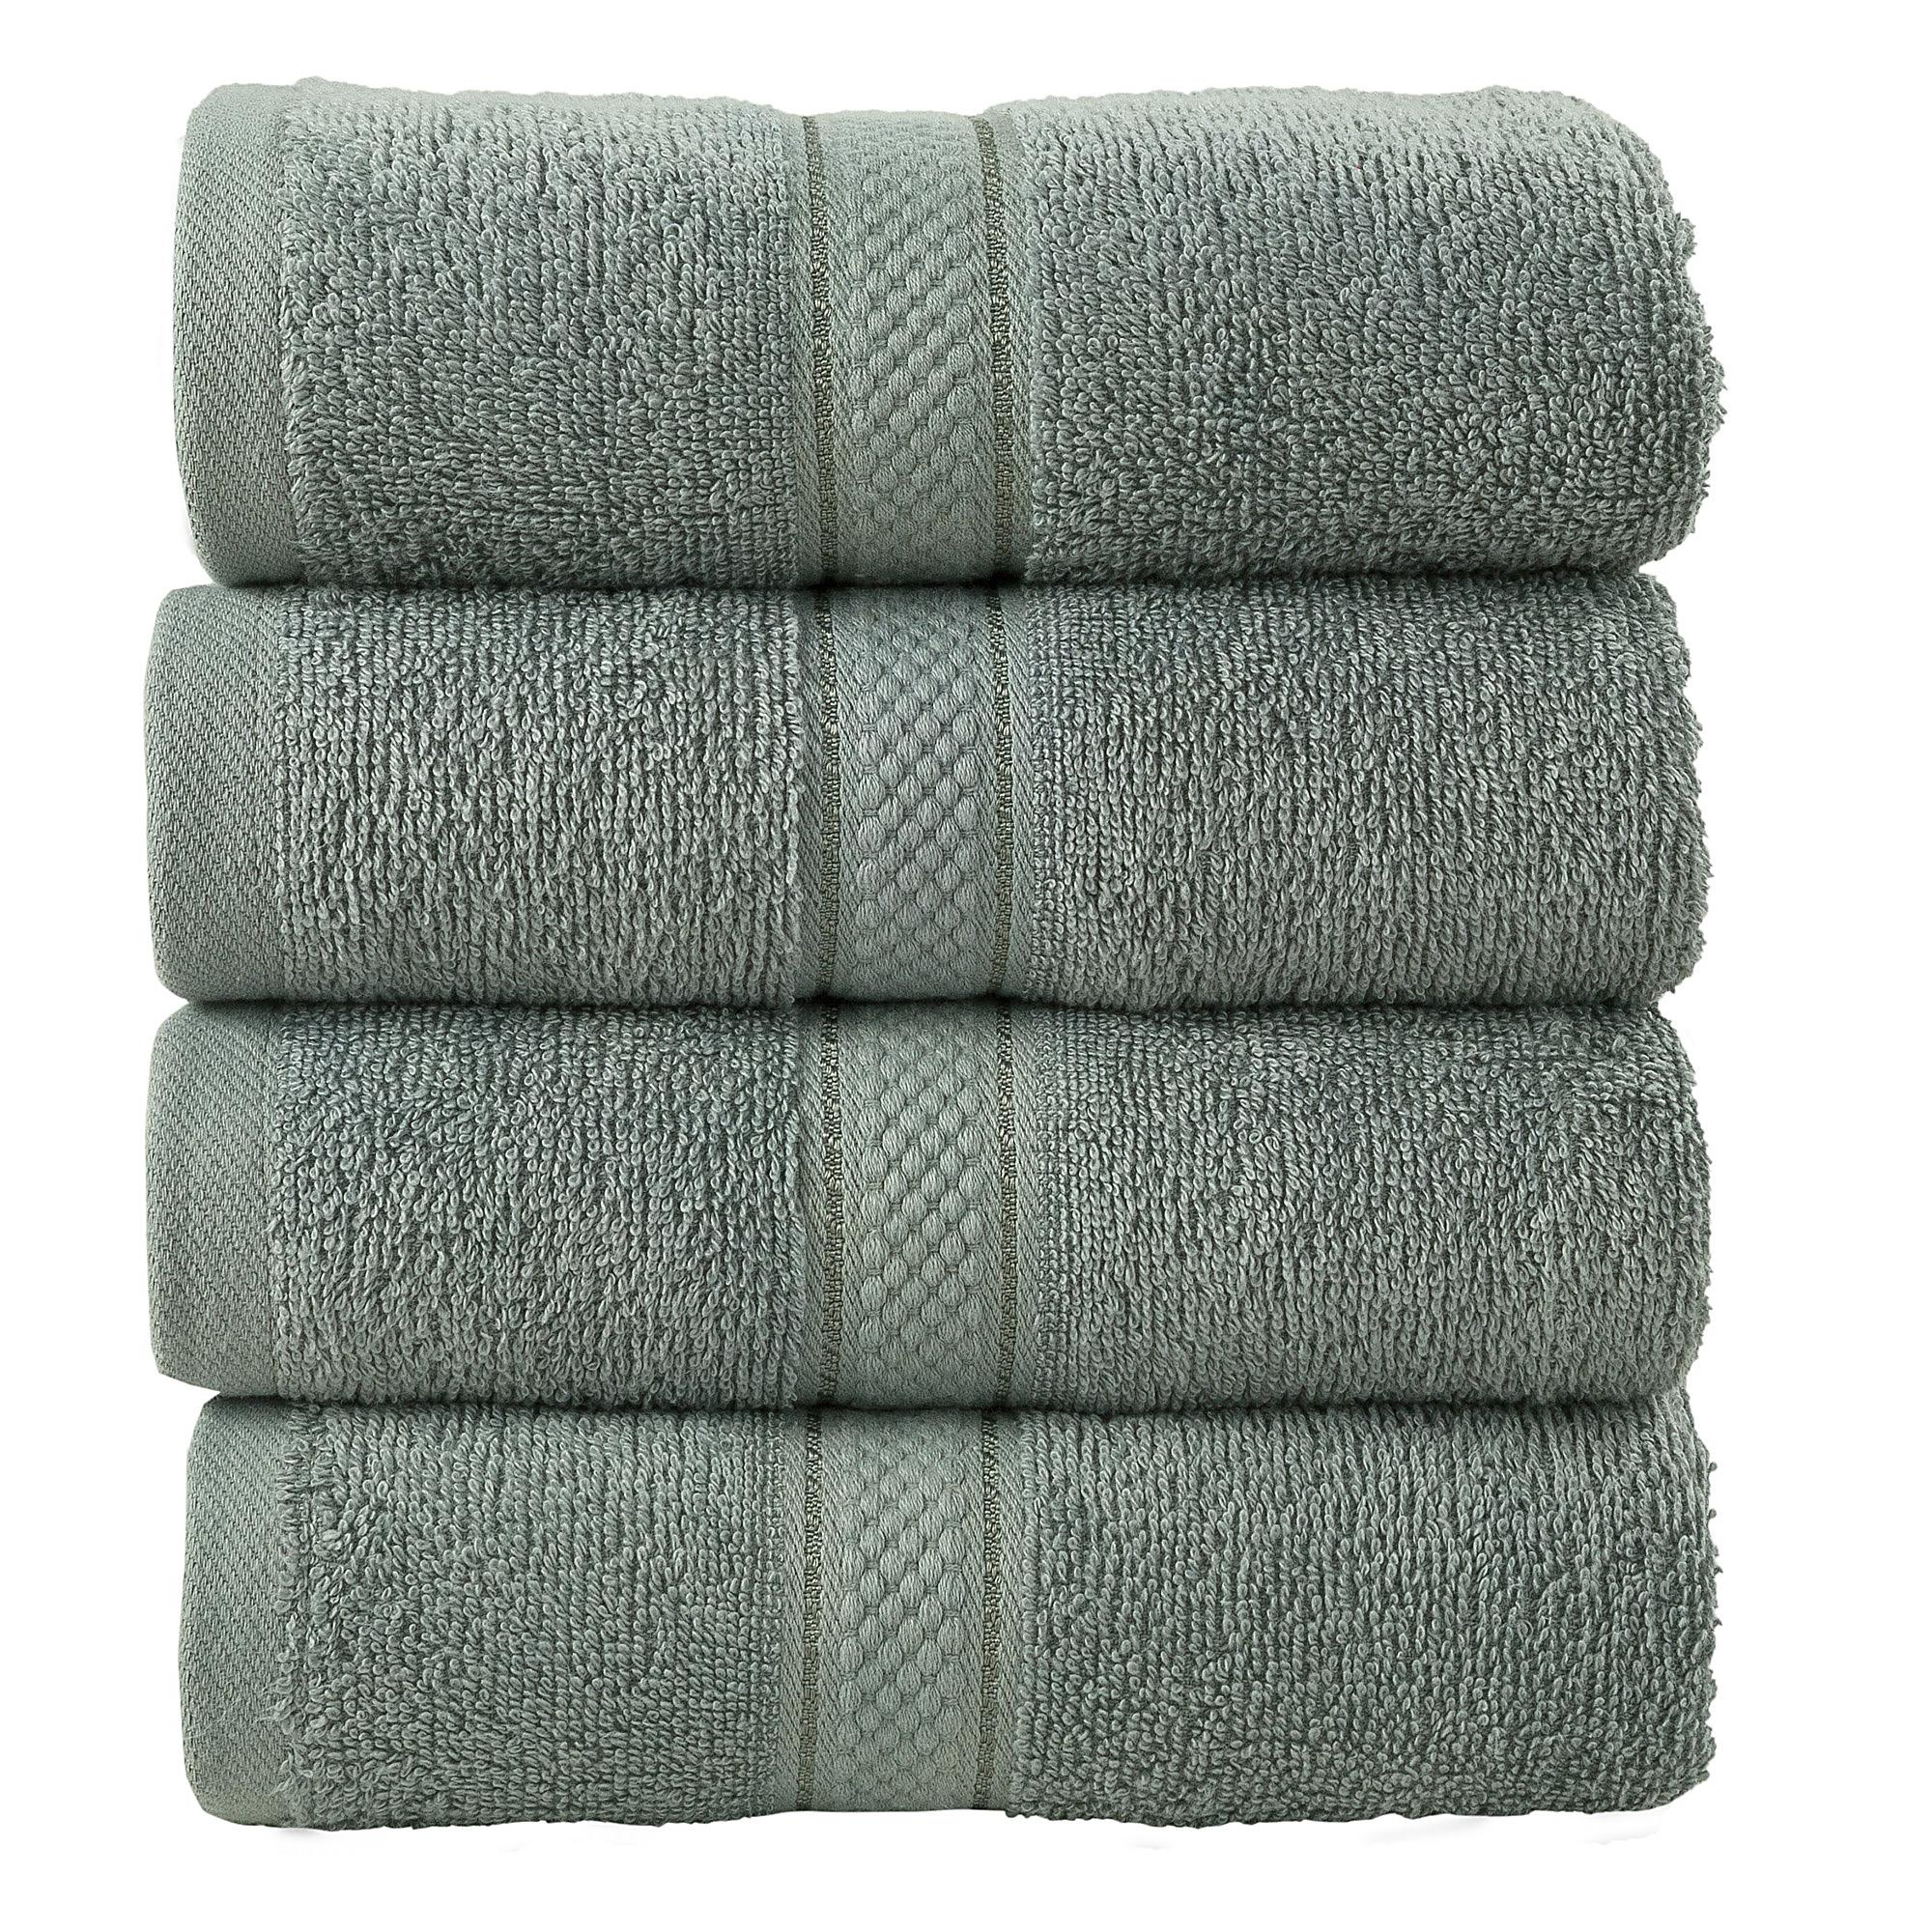 4 Pcs Hand Cotton Towel Bale Set Silver Plain